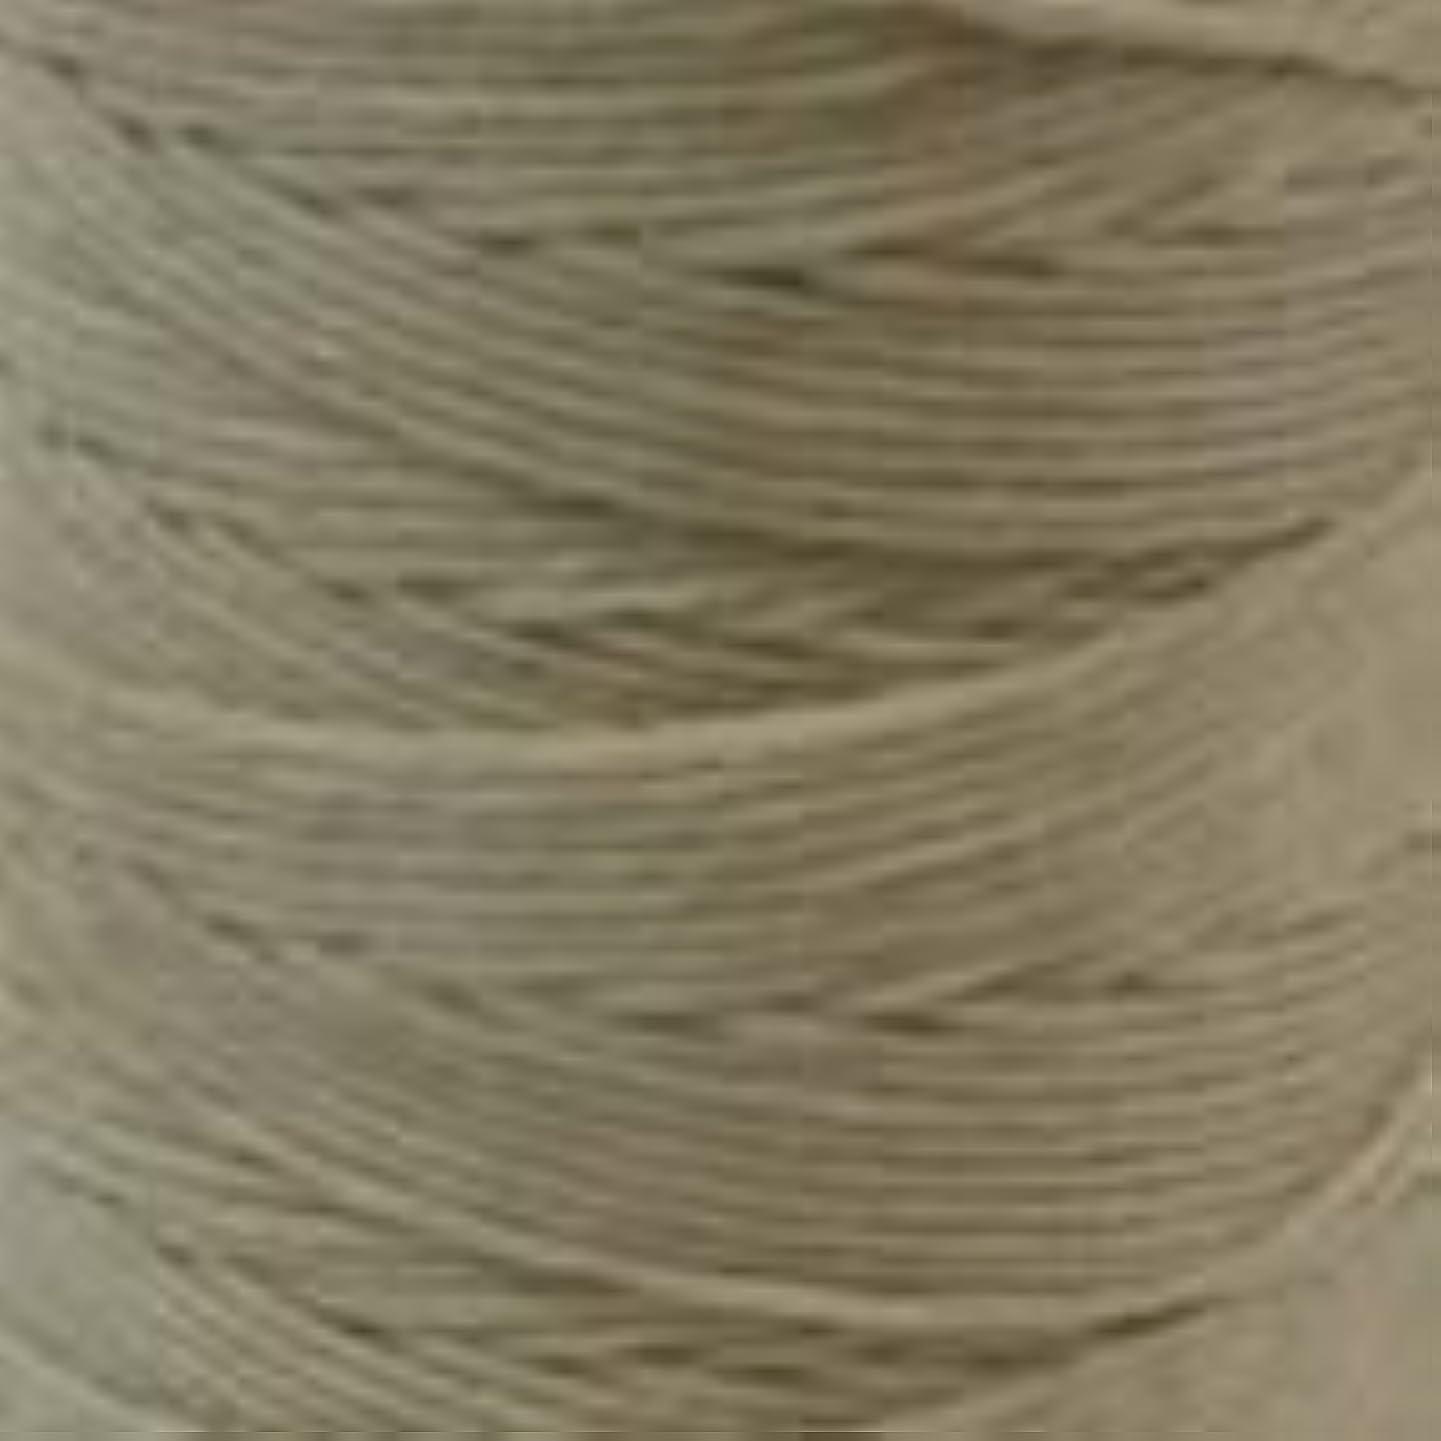 Irish Waxed Linen Crawford Cord 4 Ply 10 Yards NATURAL 420014